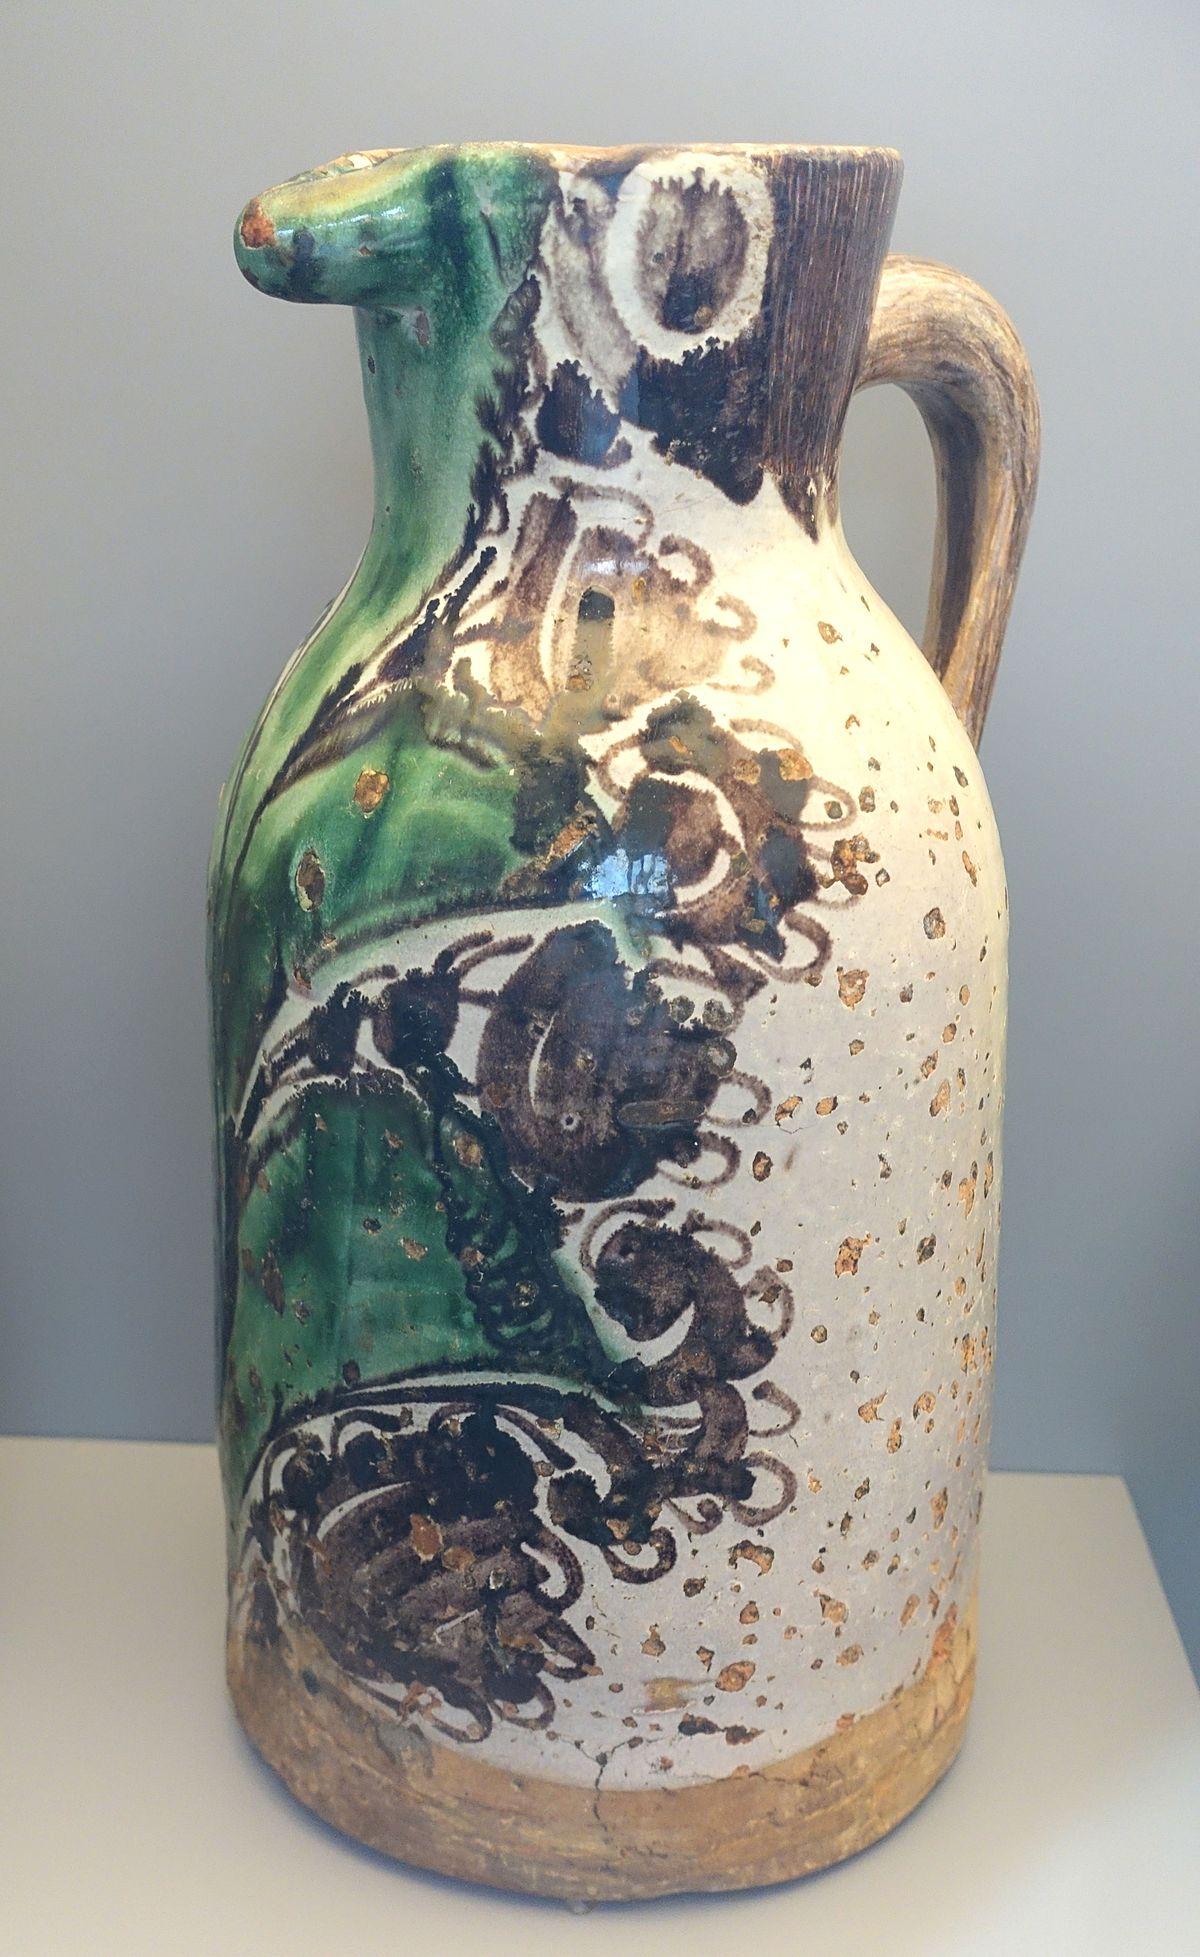 Cer mica de teruel wikipedia la enciclopedia libre for Origen de la ceramica